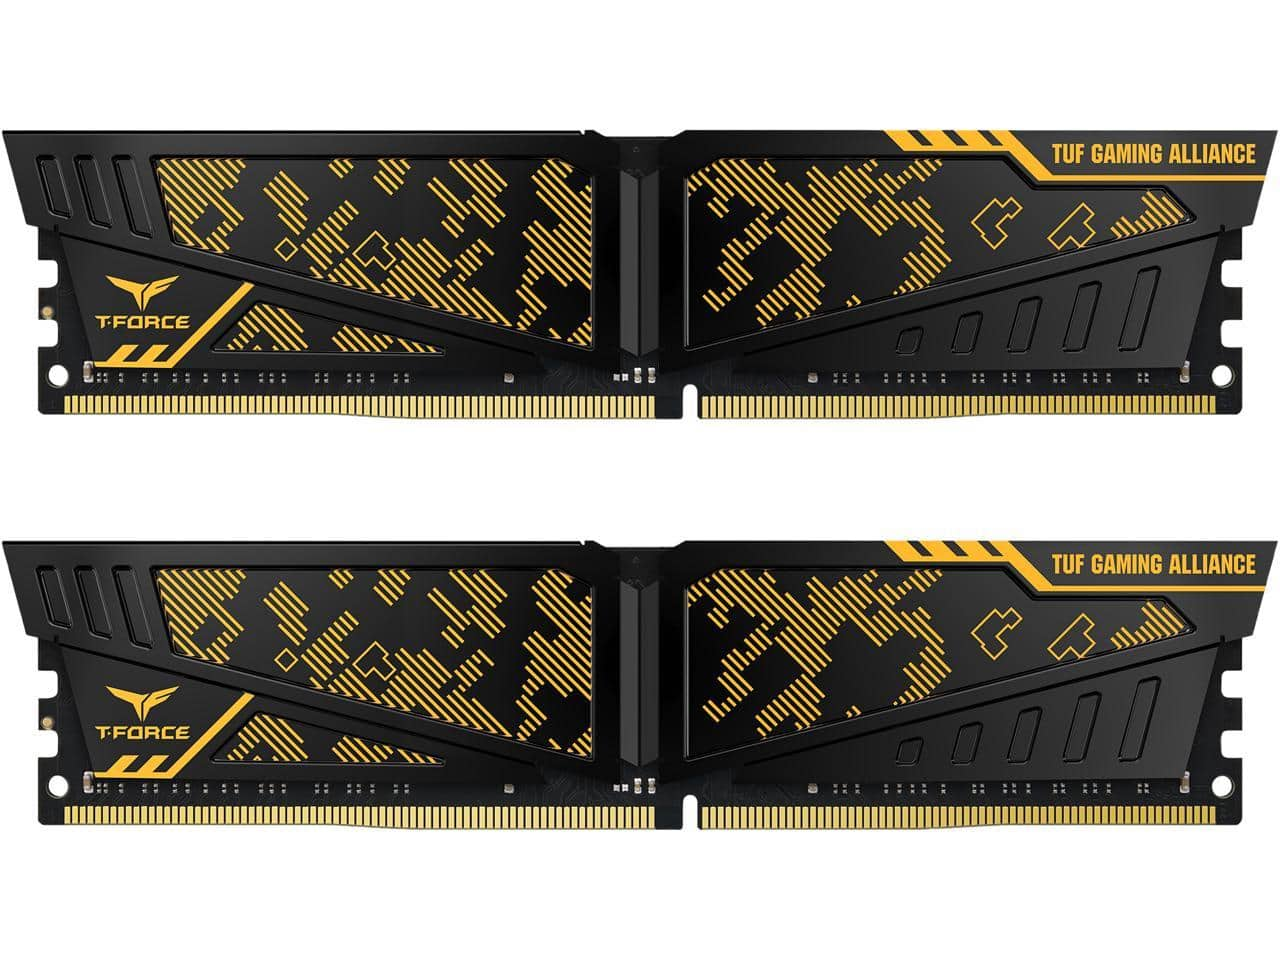 Team T-FORCE VULCAN TUF Gaming Alliance 16GB (2 x 8GB) 288-Pin DDR4 SDRAM DDR4 3200 (PC4 25600) Desktop Memory Model TLTYD416G3200HC16CDC01 $53.09